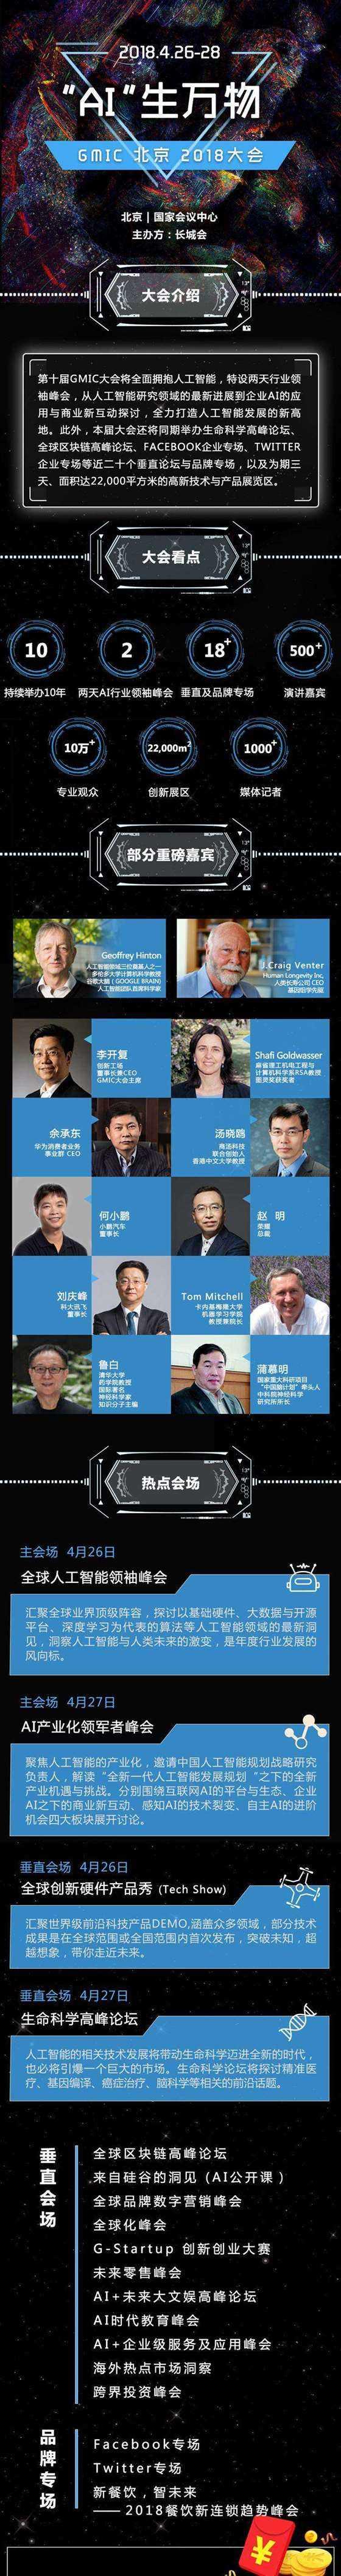 春节宣传长图(活动行改).jpg